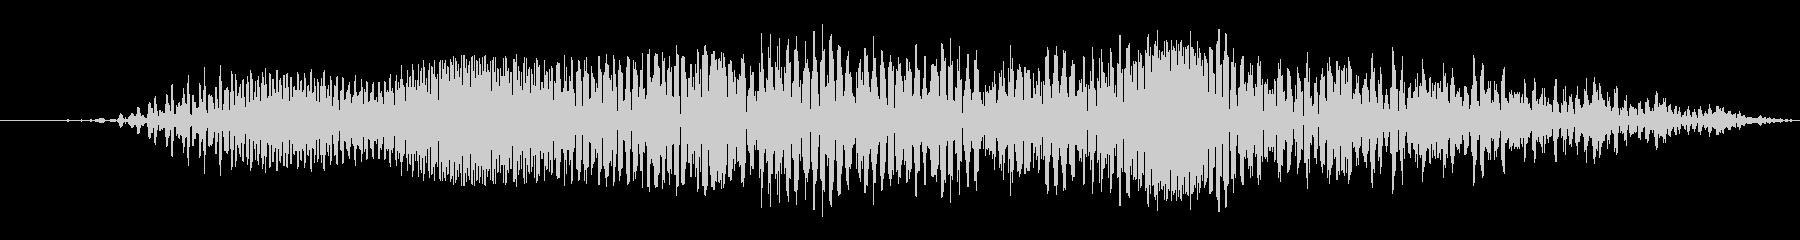 大クリーチャー:短いゴトラル・グロウルの未再生の波形